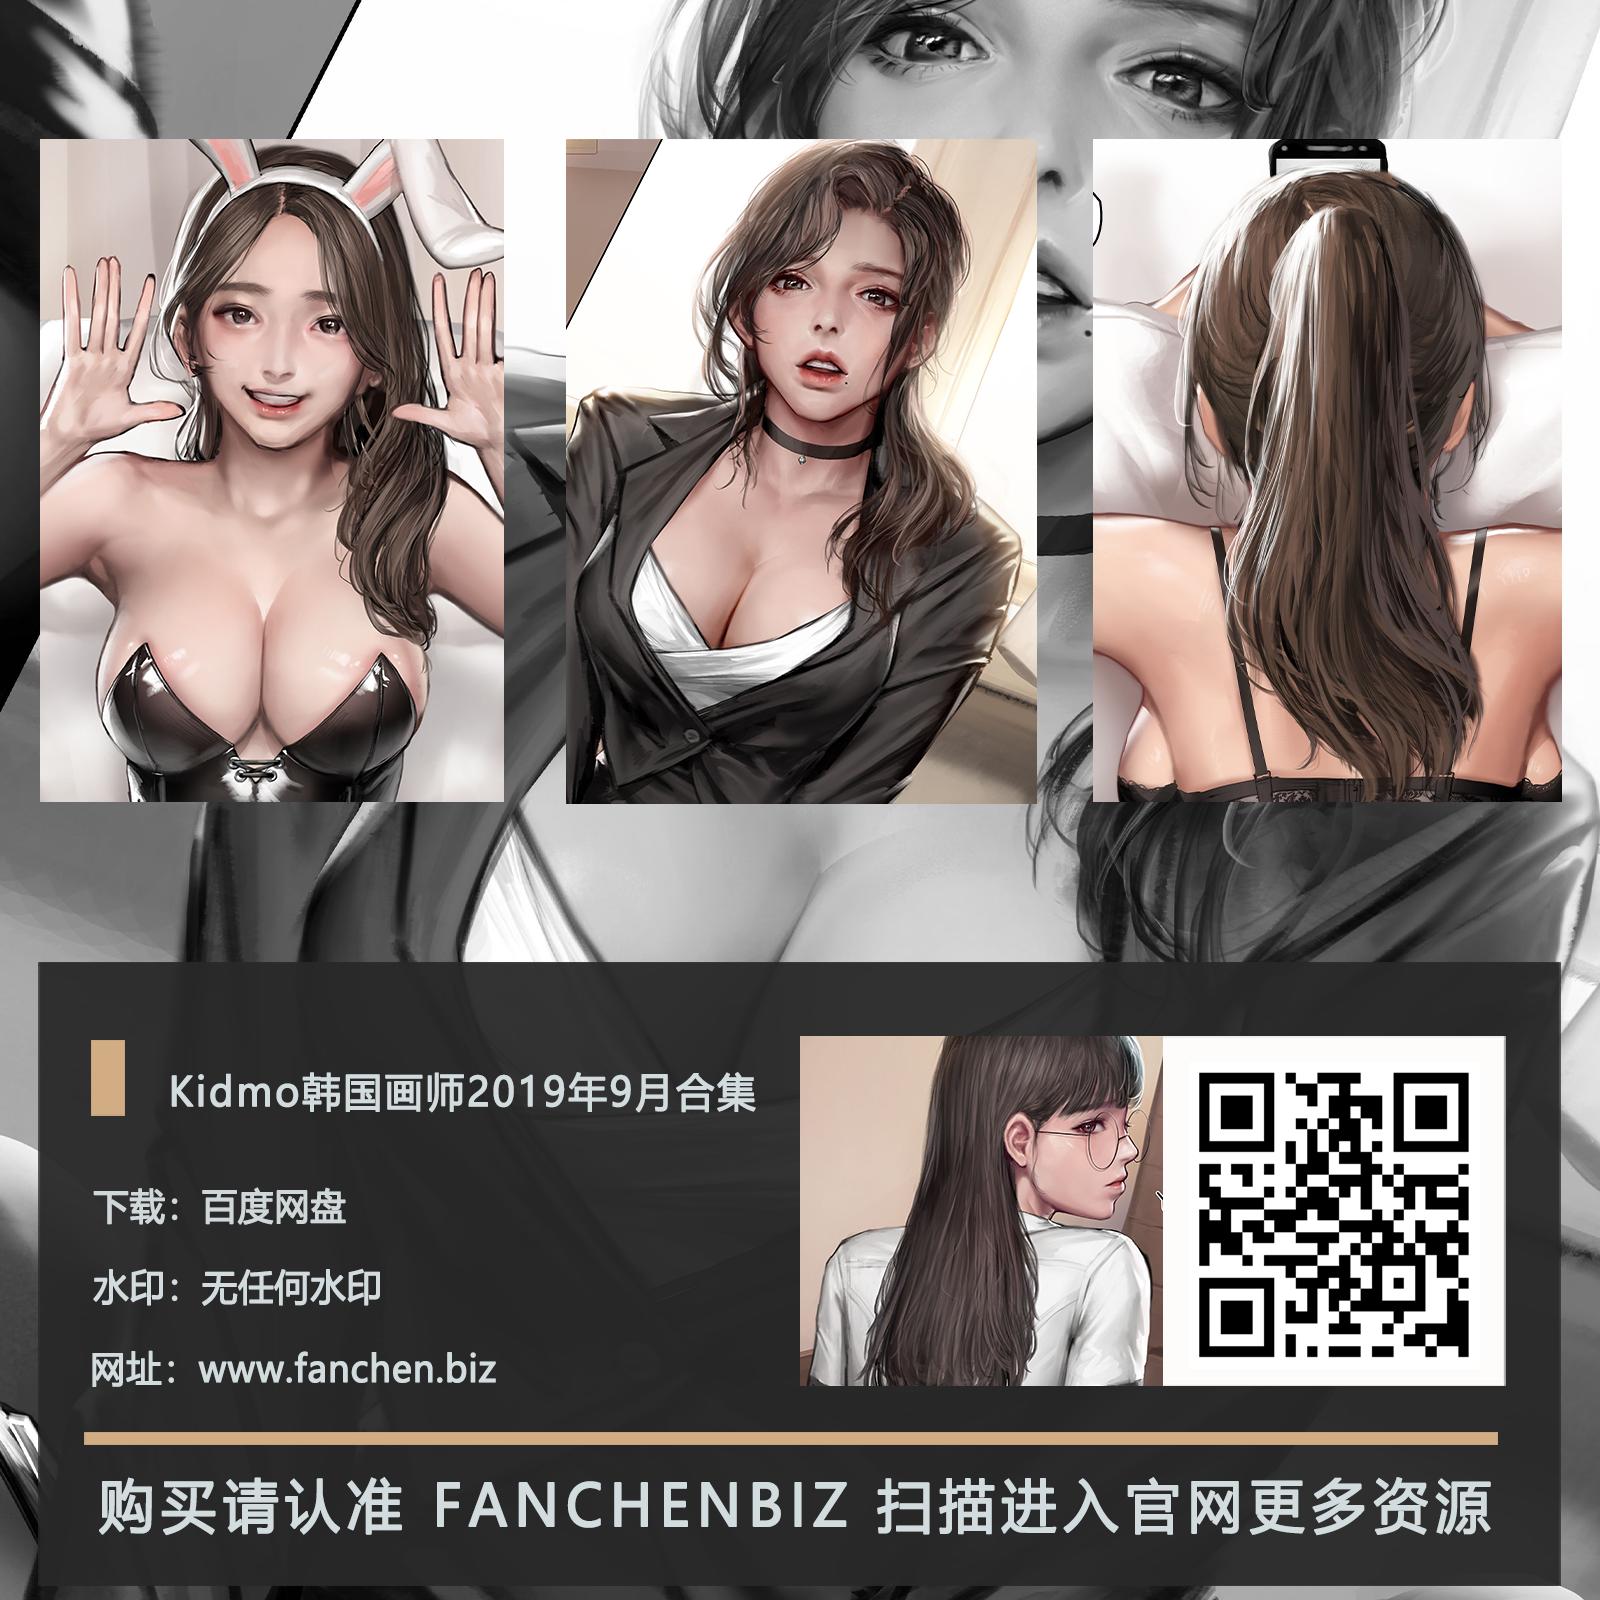 Kidmo韩国画师作品 2019年9月合集 2.62G-FANCHENBIZ